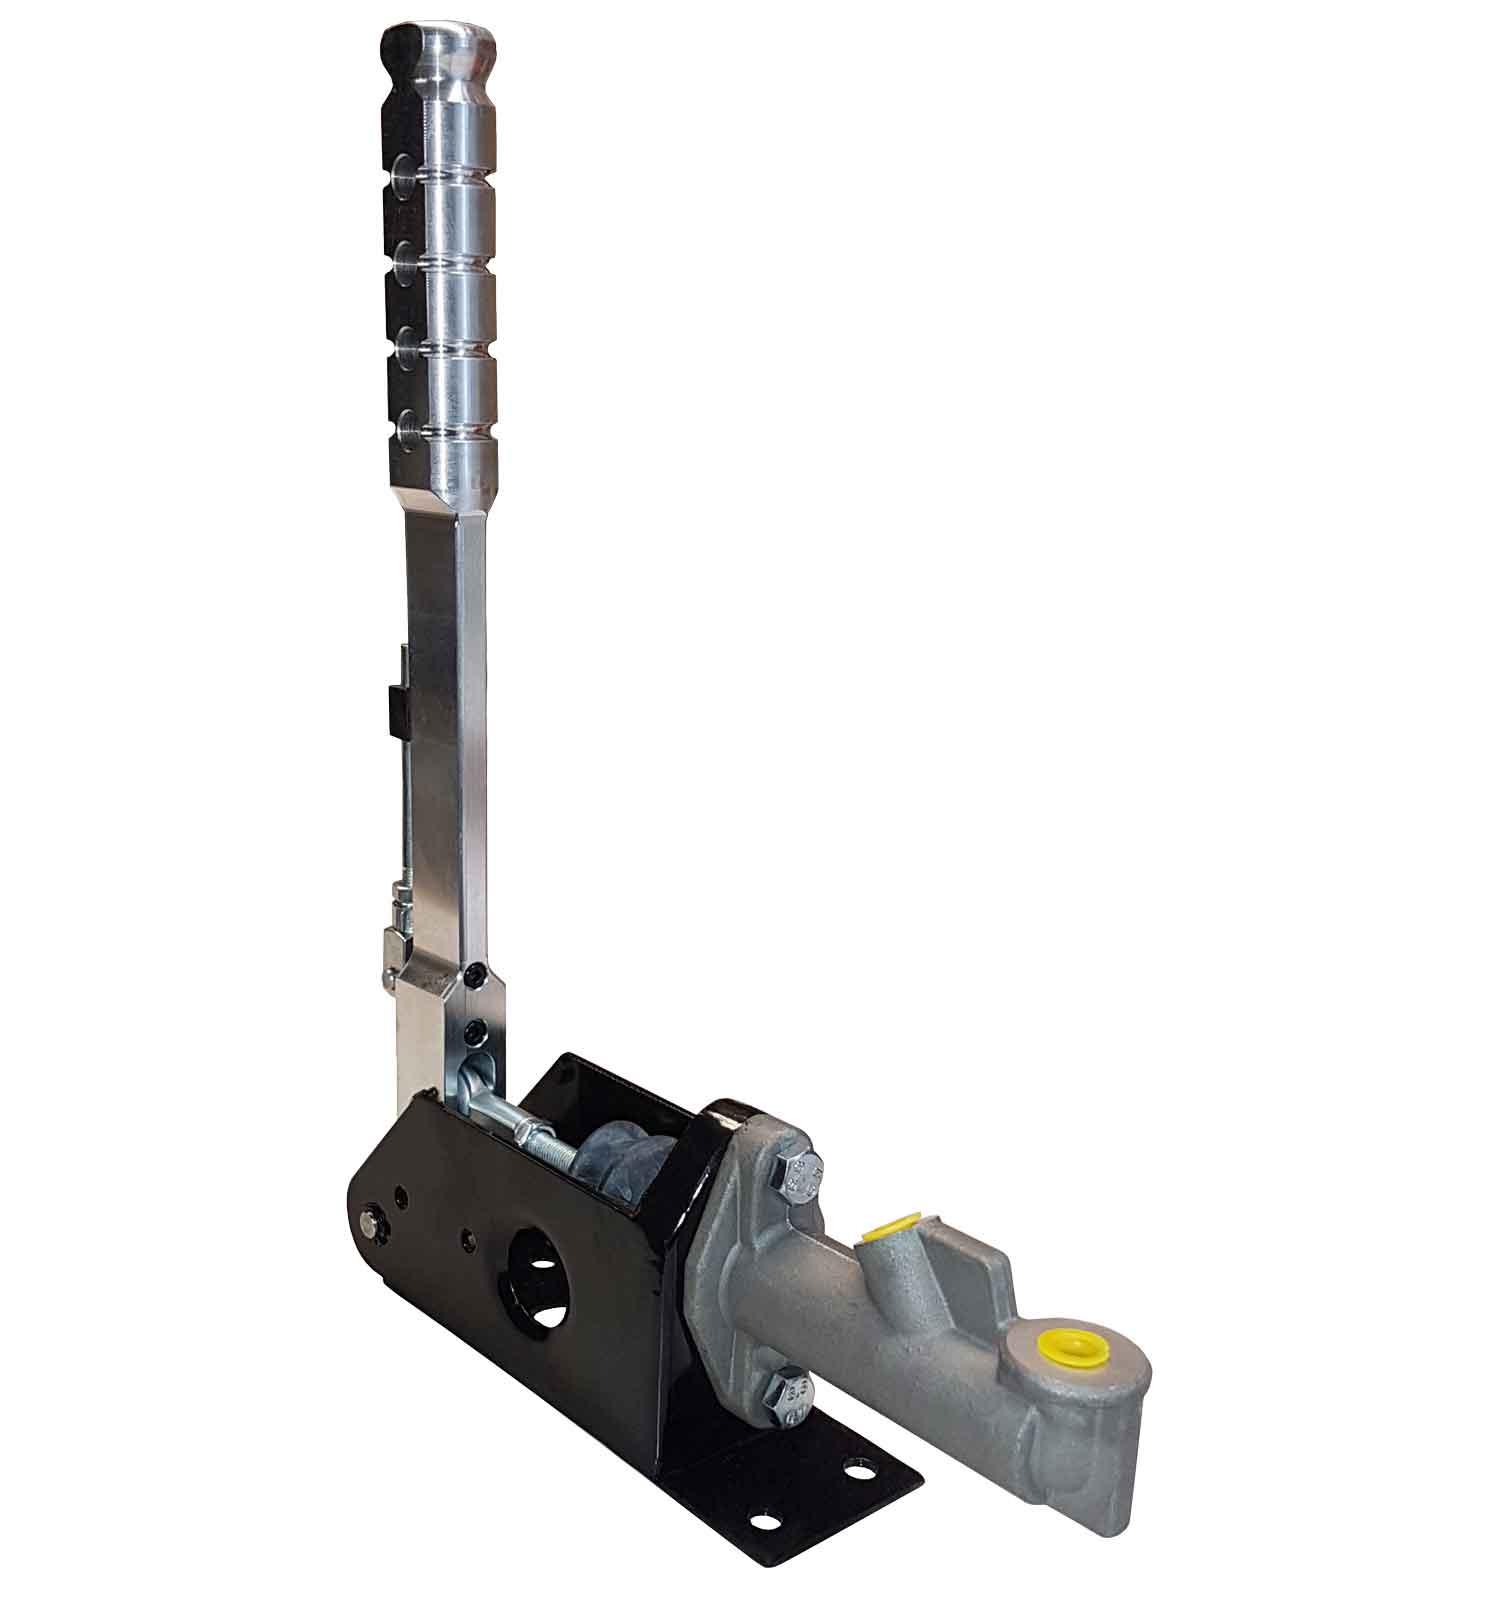 330mm Professional Hydraulic Handbrake